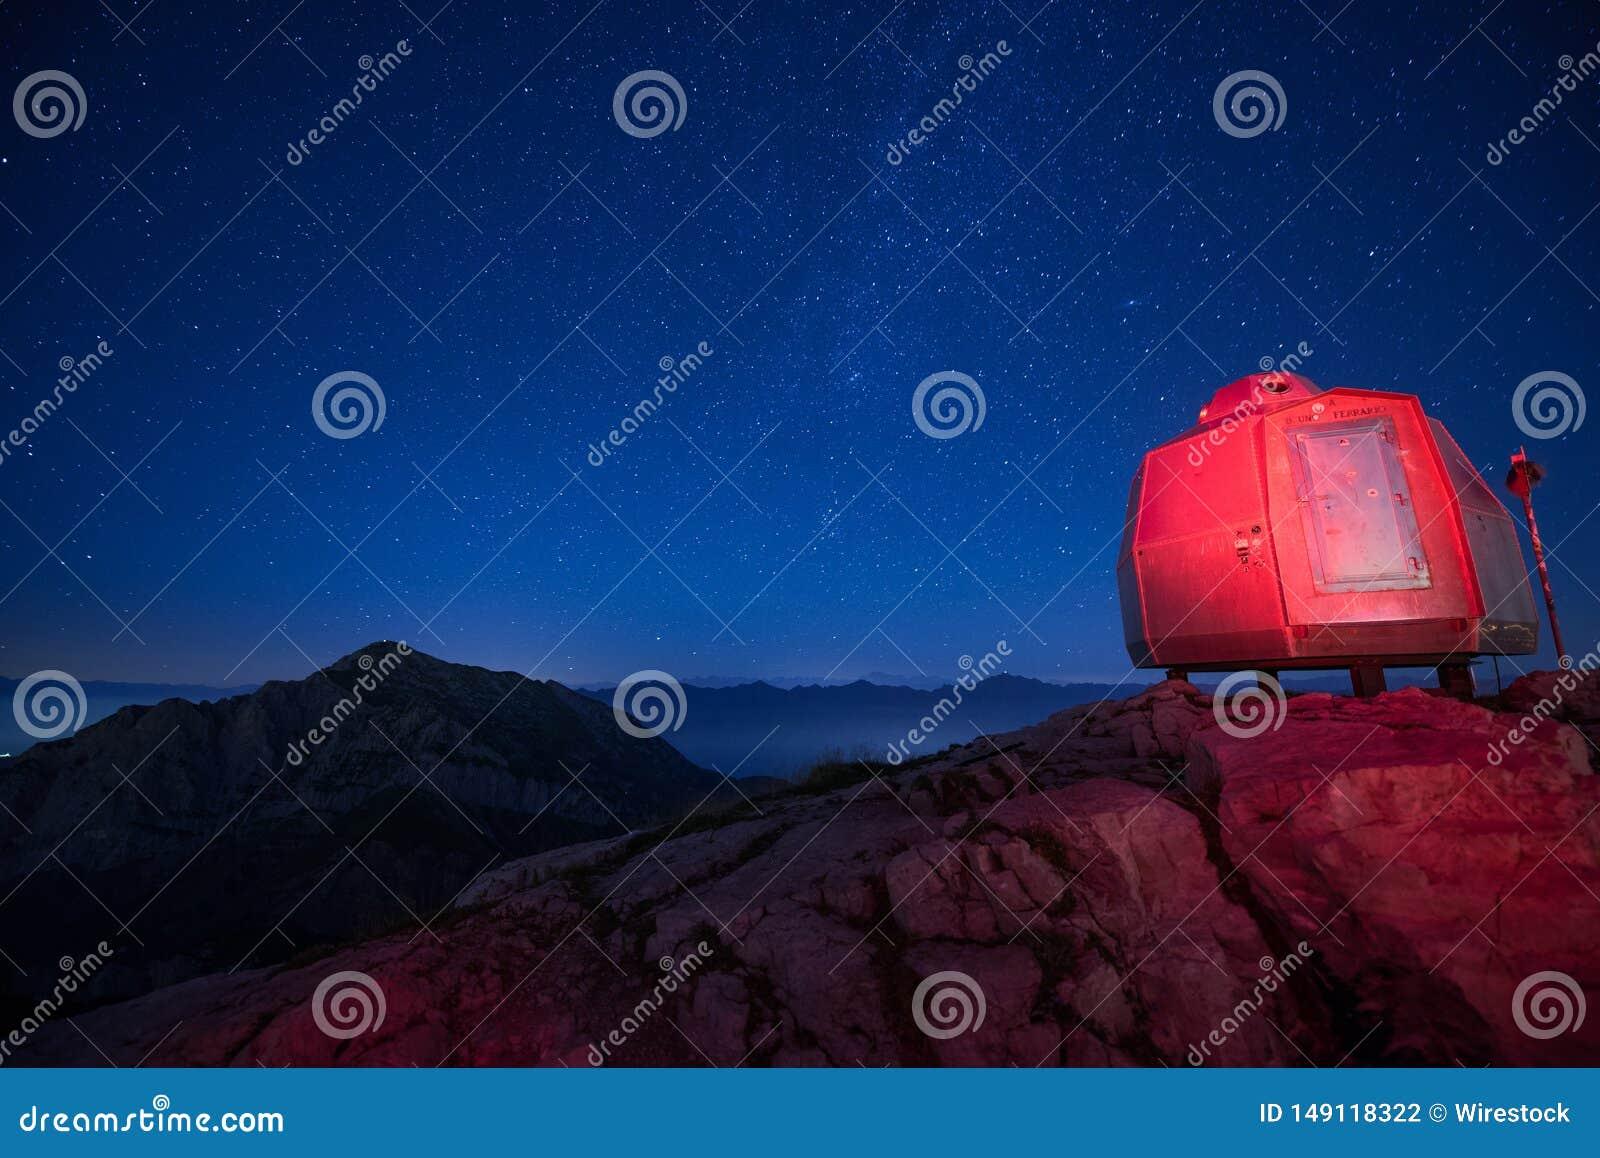 Vermelhos iluminados acampam nas montanhas altas sob um c?u estrelado bonito